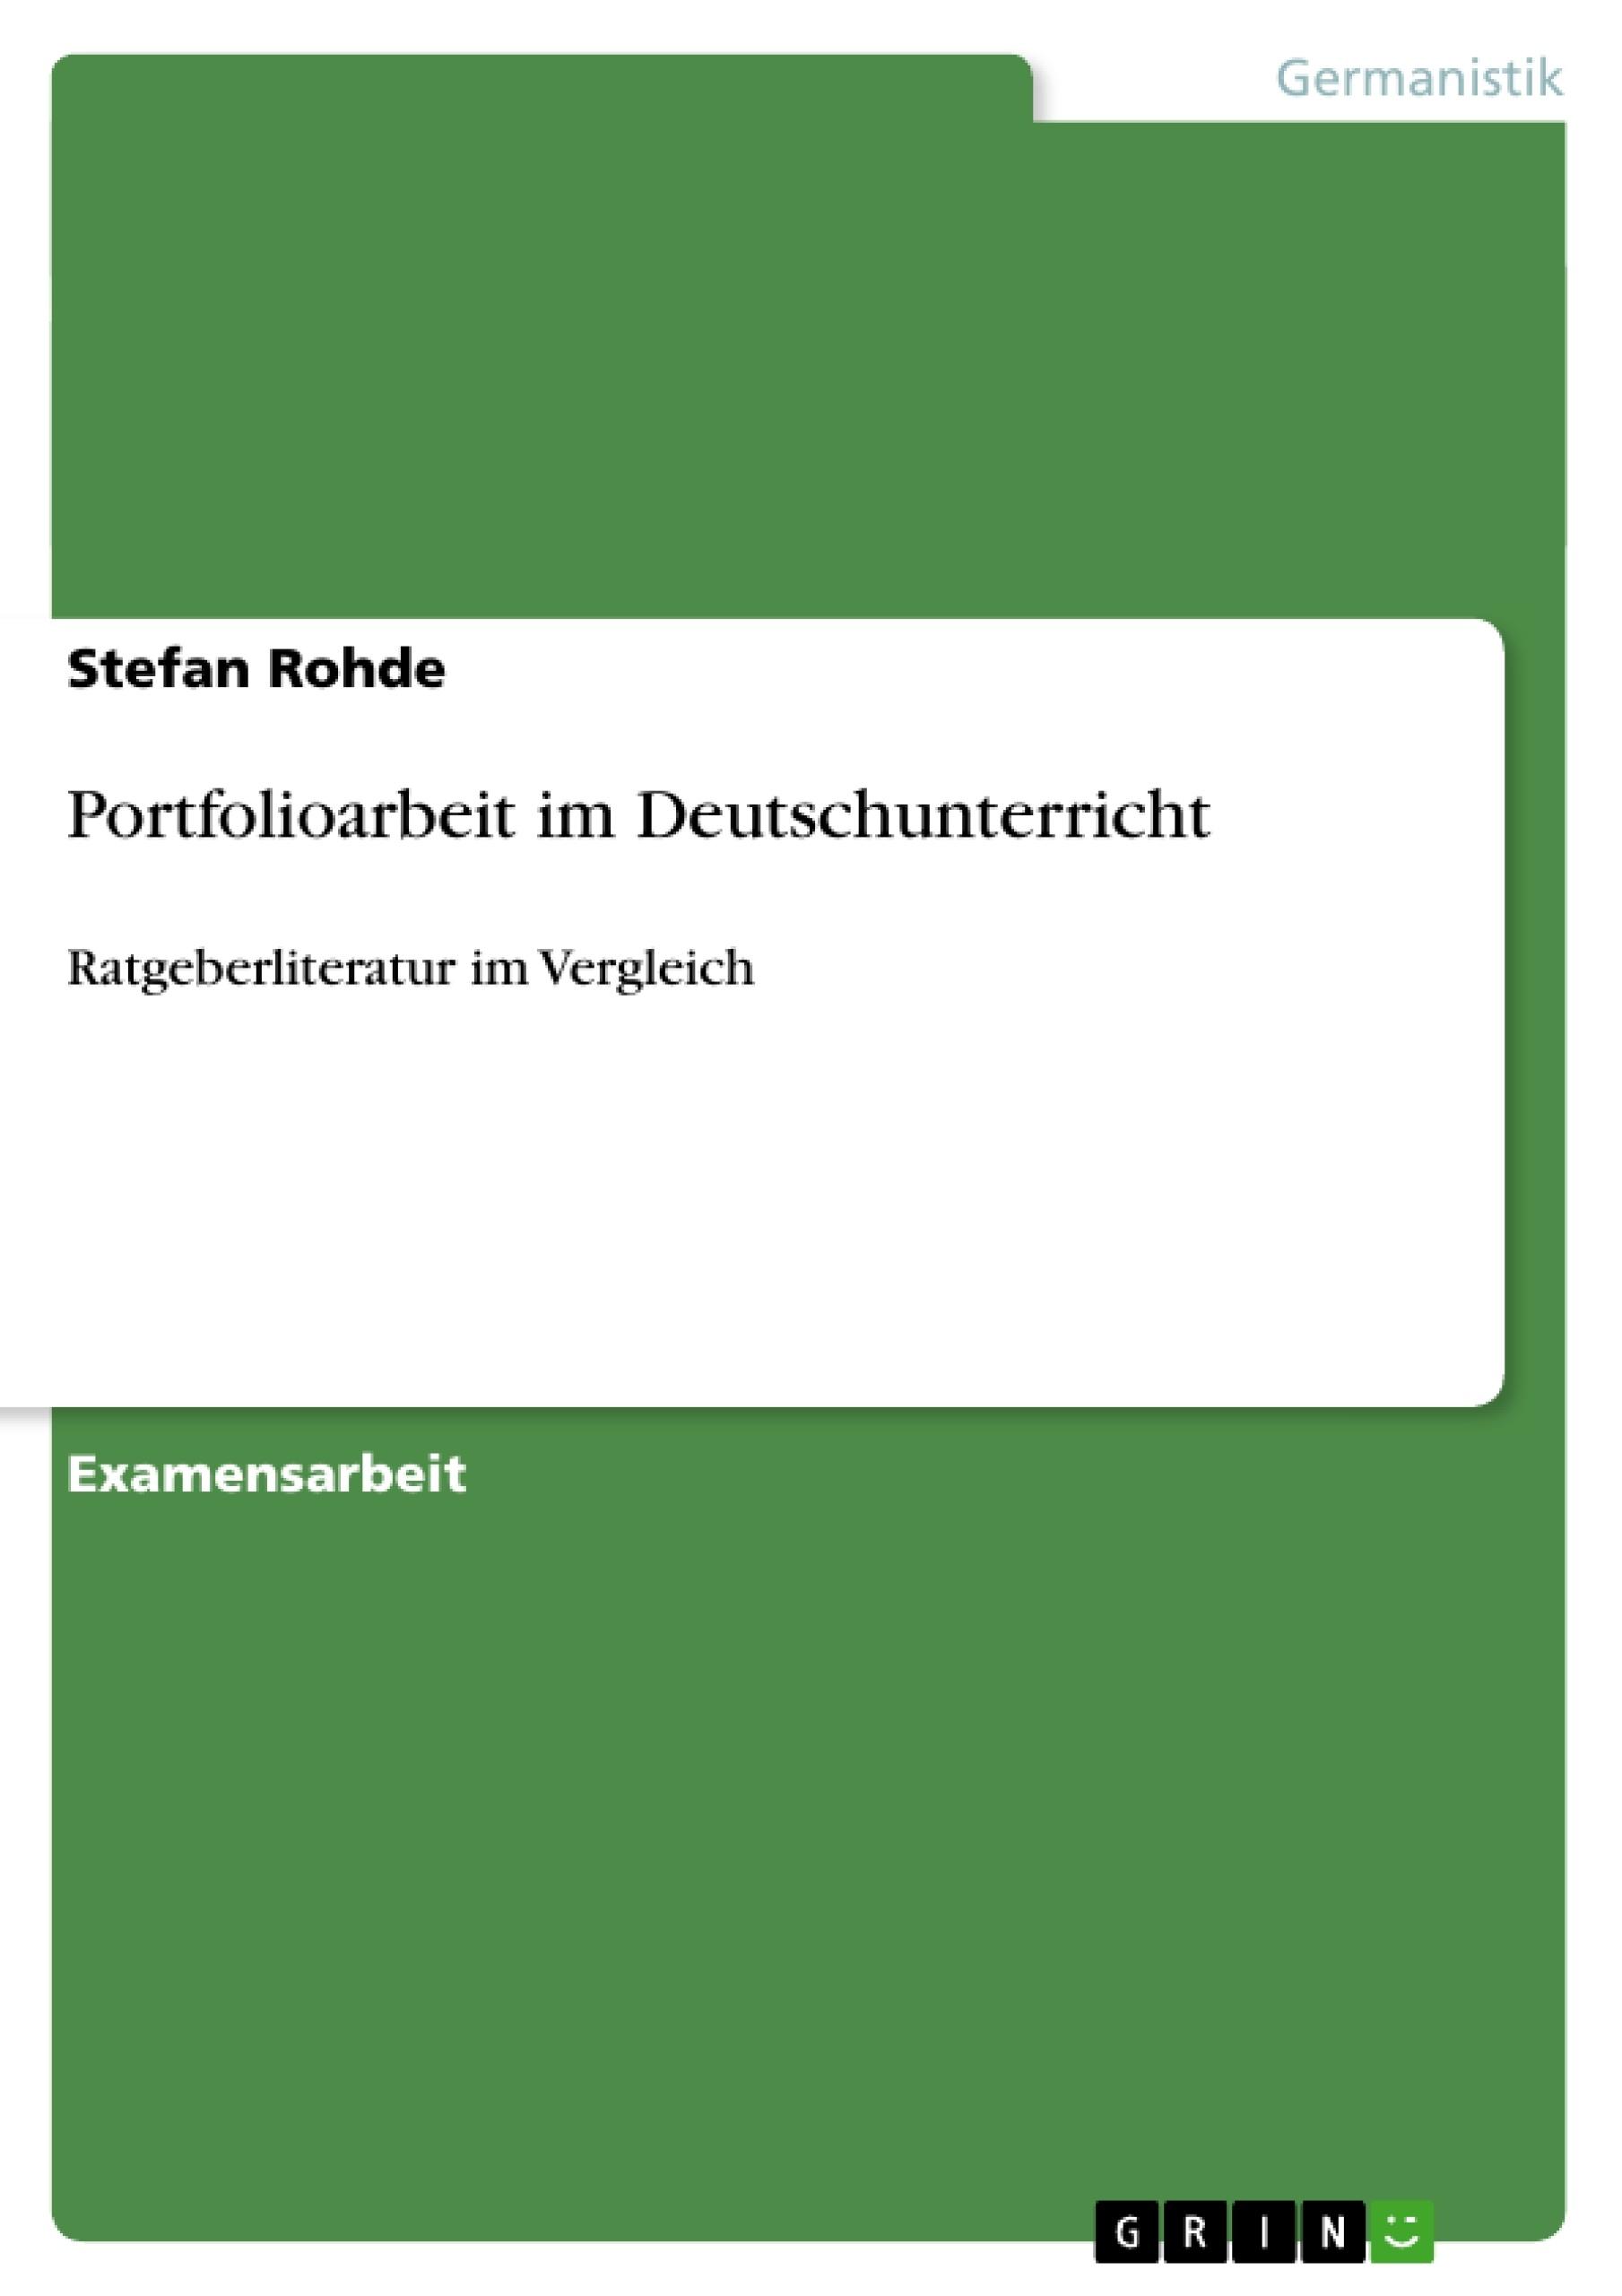 Titel: Portfolioarbeit im Deutschunterricht